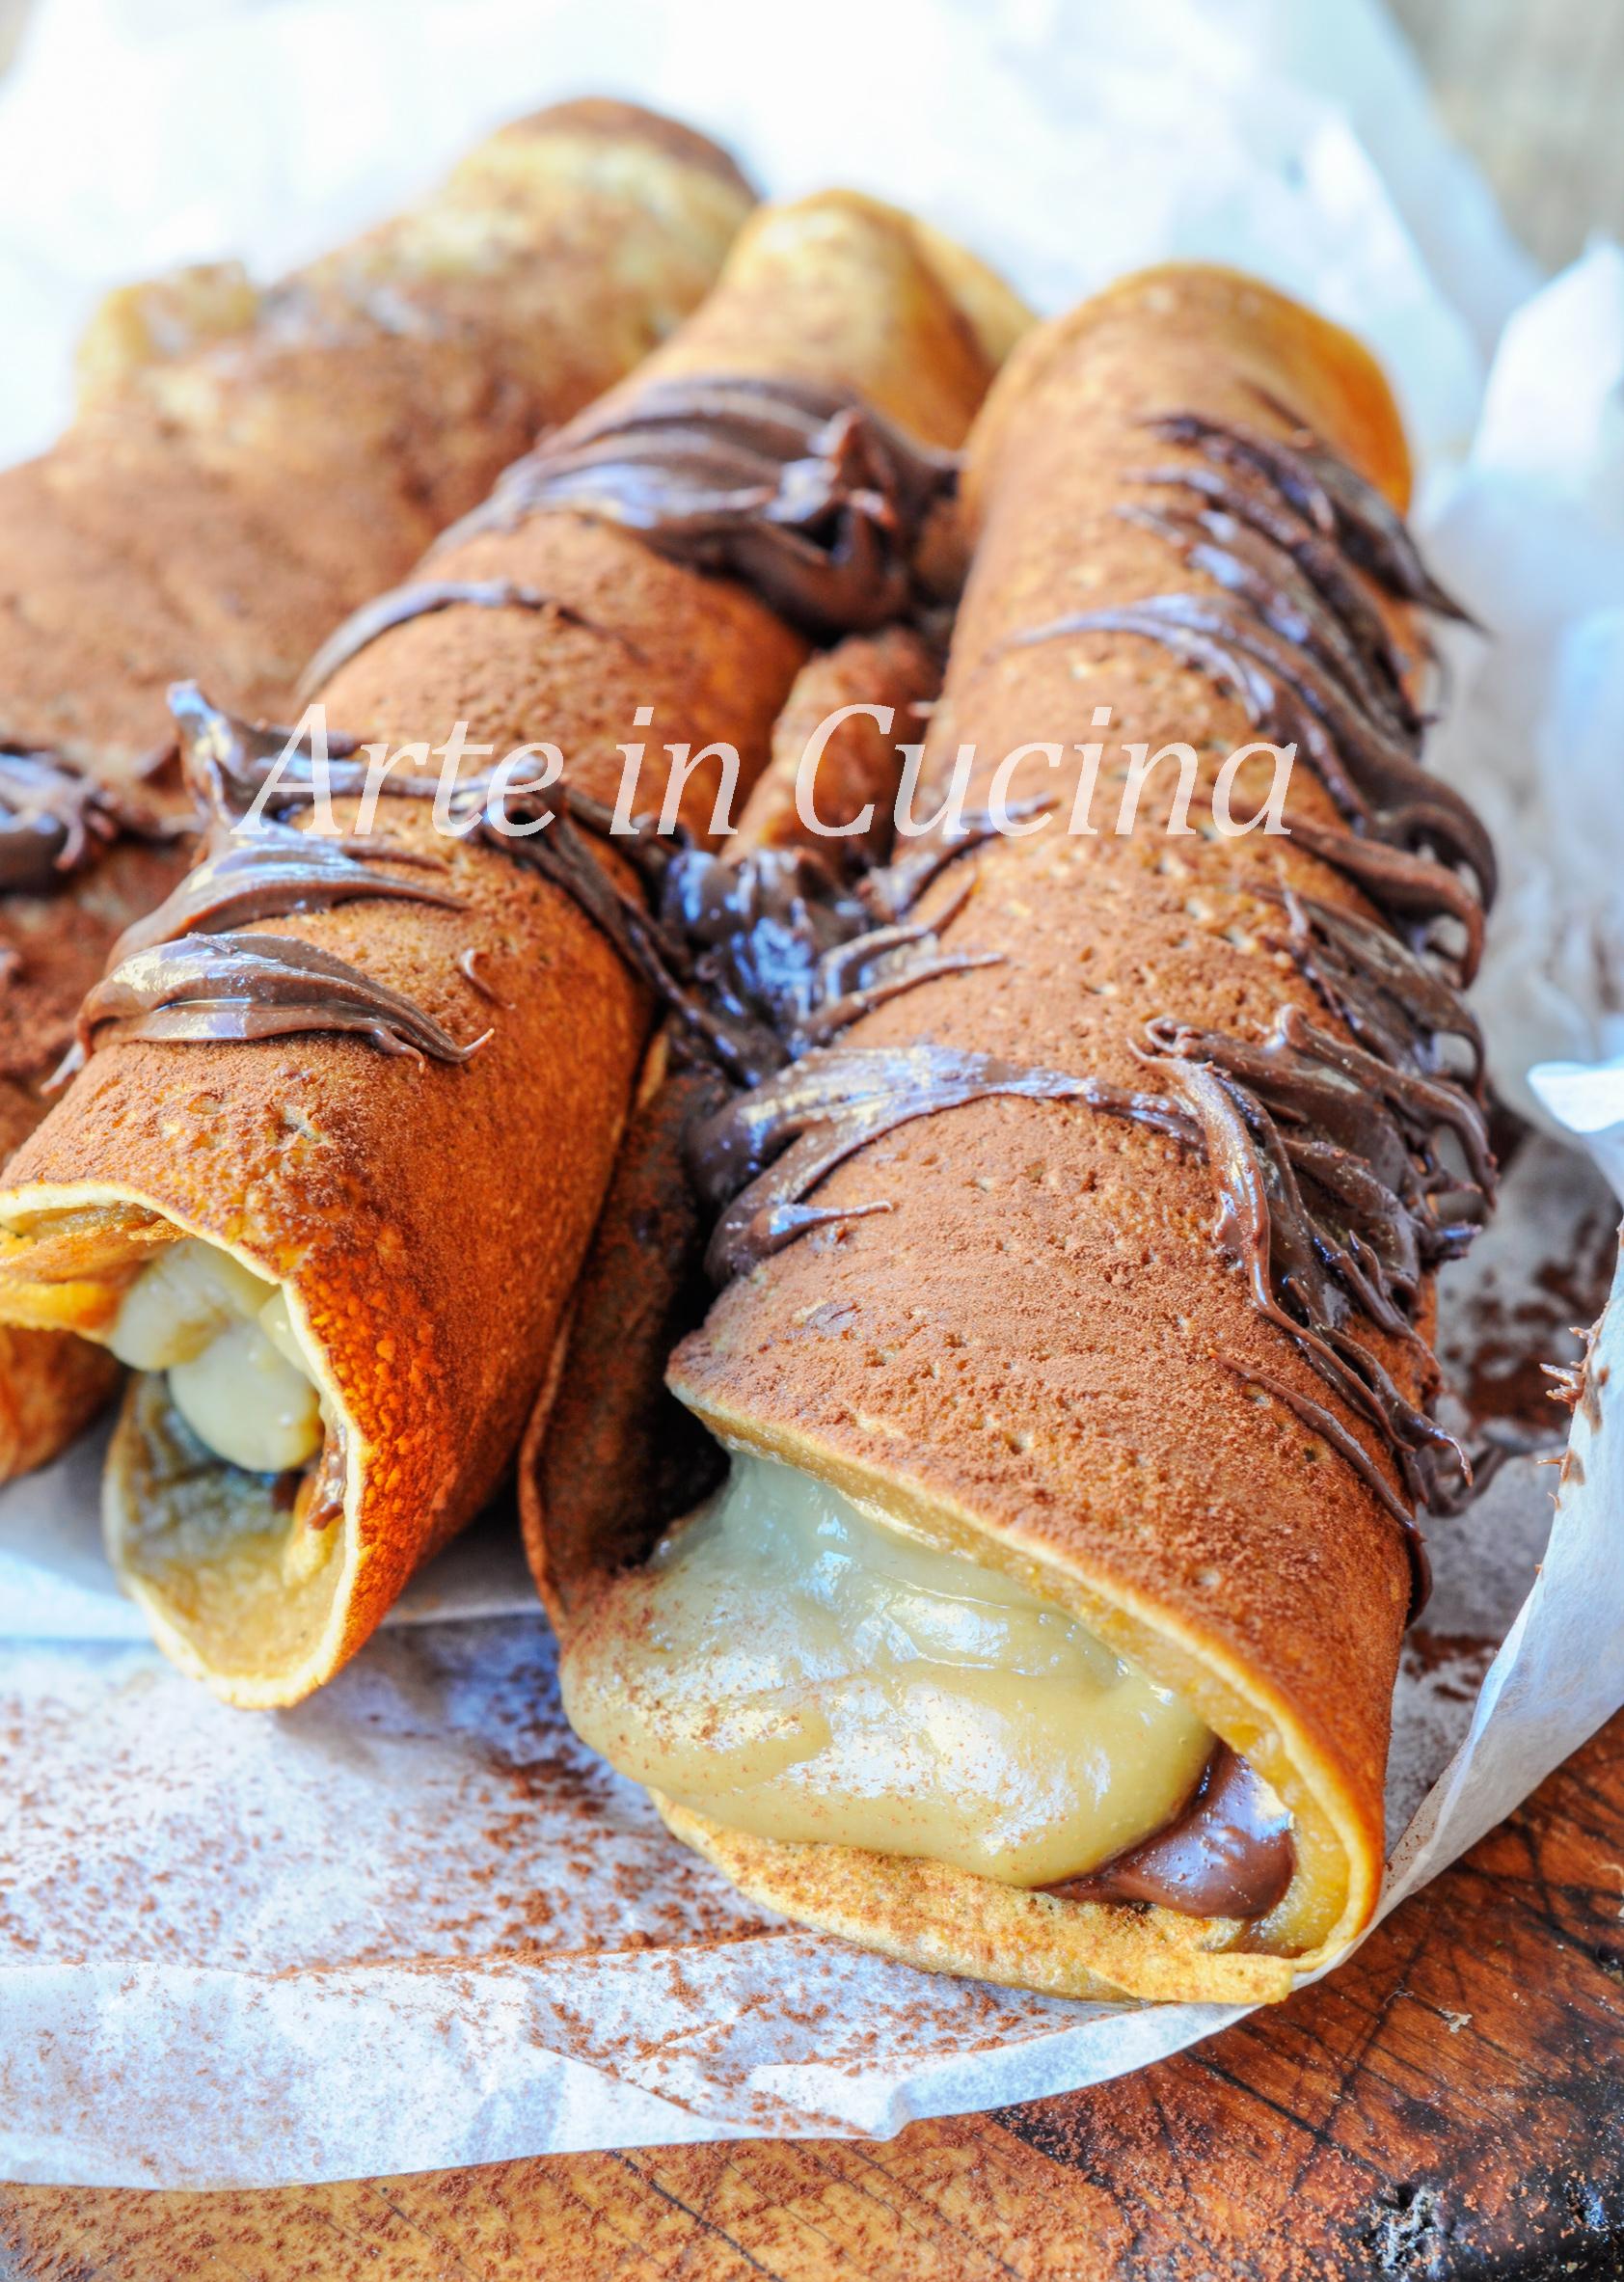 Cannoli di pancake al caffè crema e nutella vickyart arte in cucina